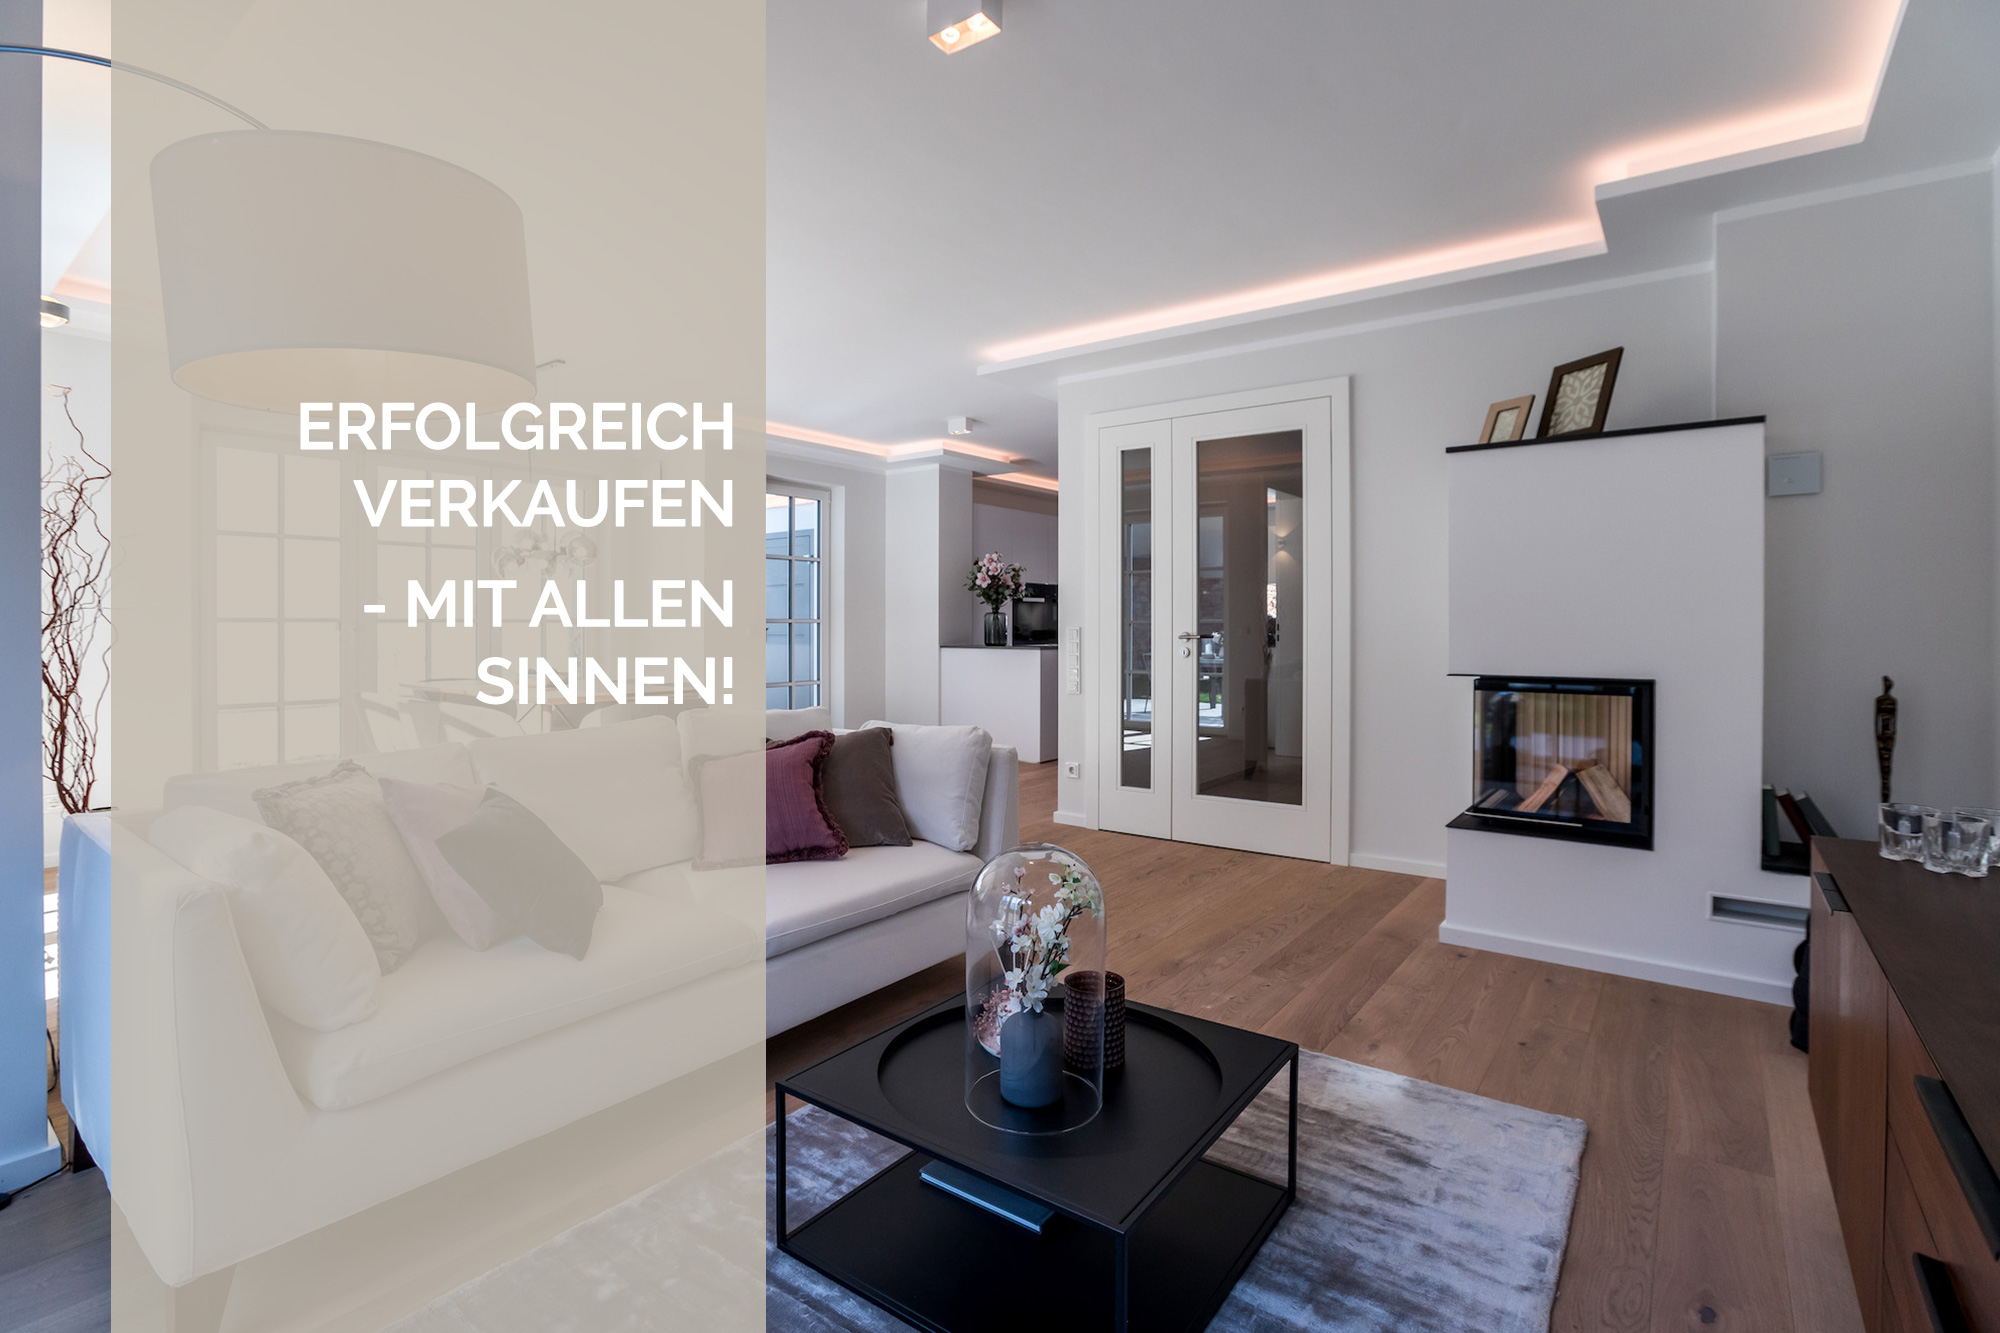 Muenchner Home Staging Agentur – Erfolgreich verkaufen mit allen Sinnen